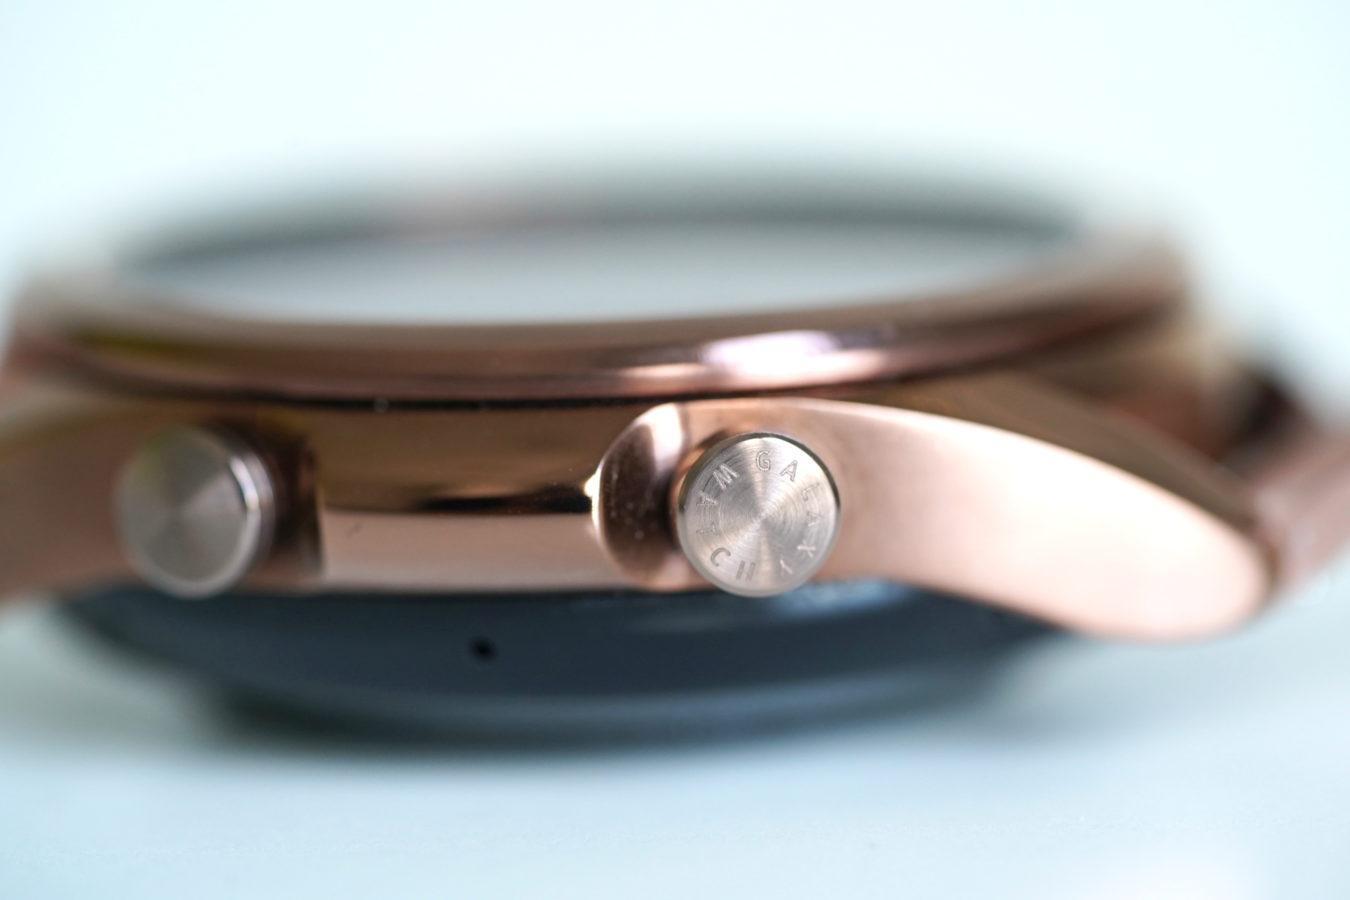 Chciałabym, żeby działał dłużej - taki jest fajny. Recenzja Samsung Galaxy Watch 3 32 samsung galaxy watch 3